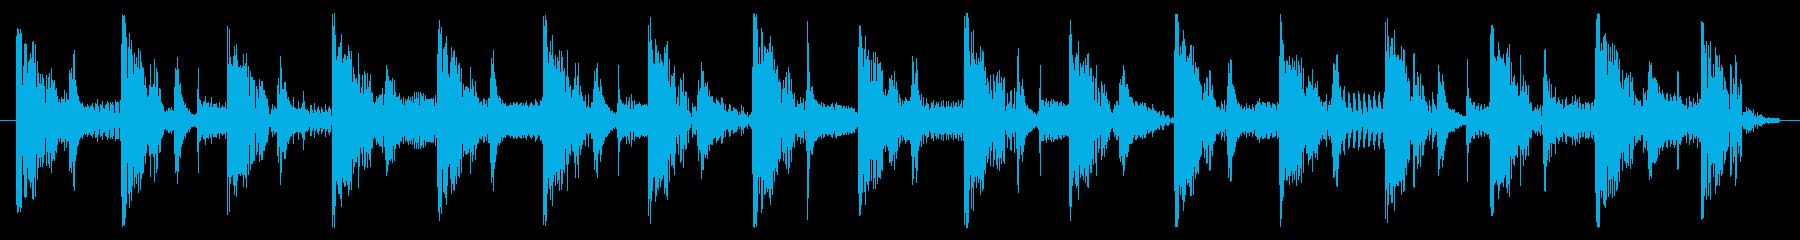 ベース生演奏のクールスラップジングル01の再生済みの波形